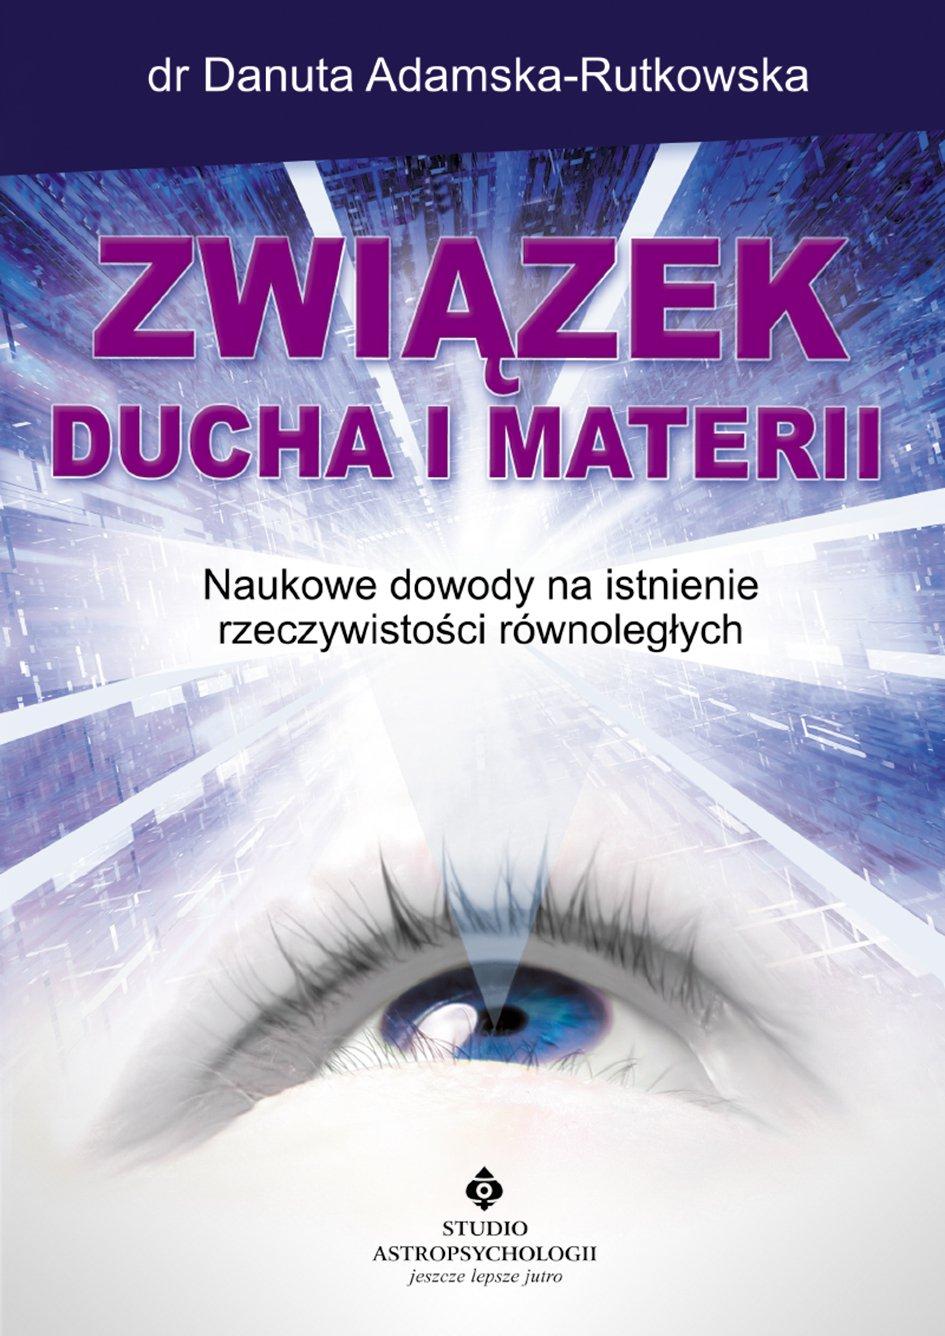 Związek ducha i materii. Naukowe dowody na istnienie rzeczywistości równoległych - Ebook (Książka PDF) do pobrania w formacie PDF